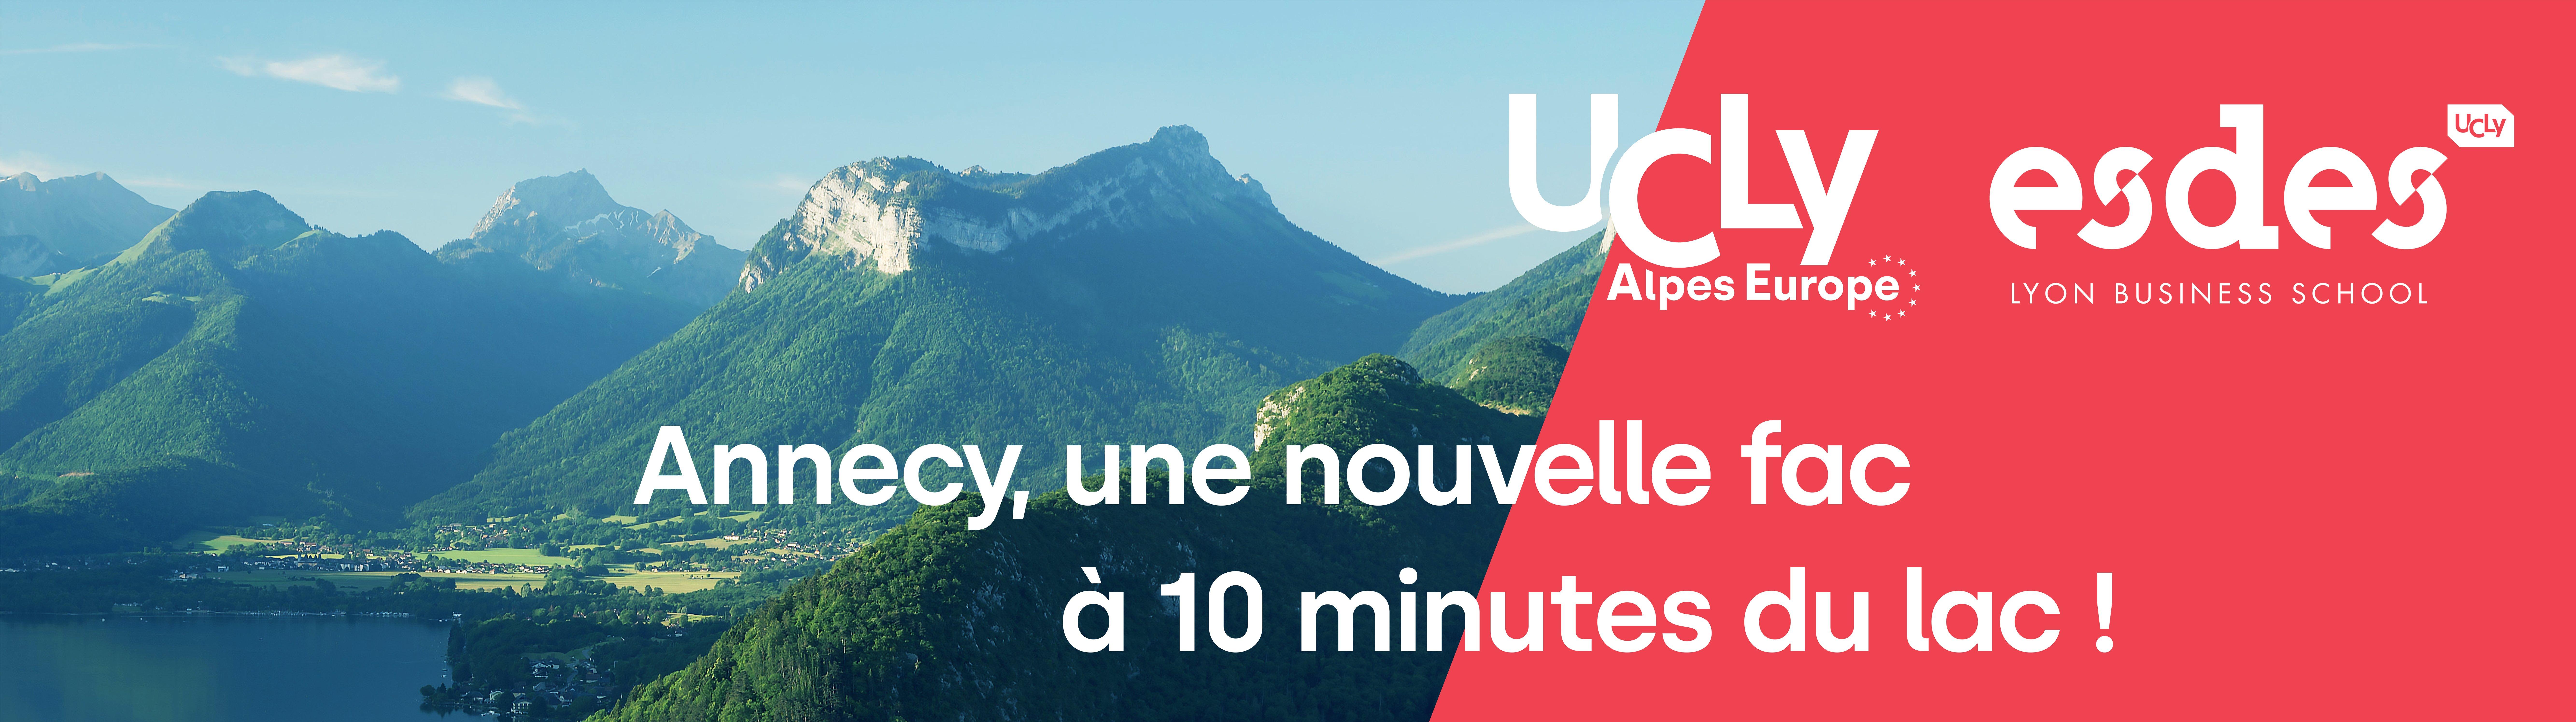 LP_Annecy